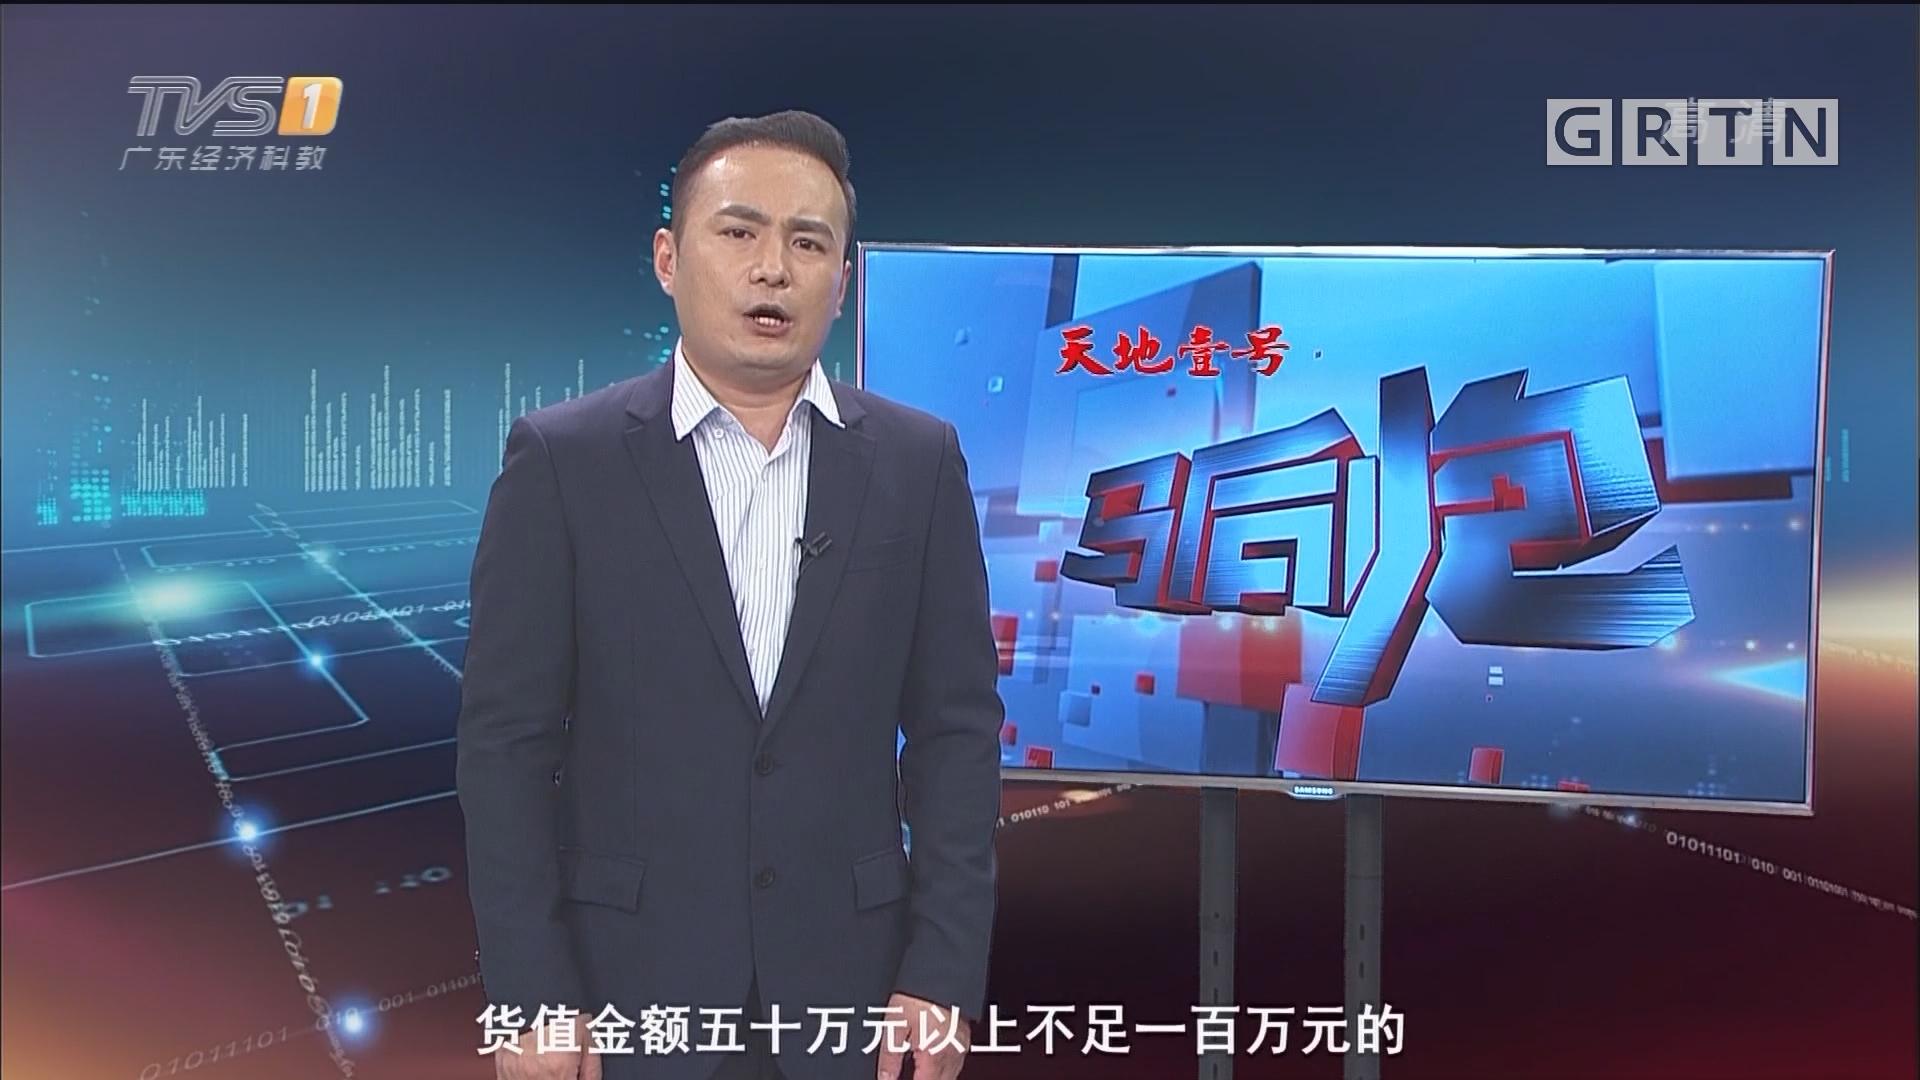 [HD][2019-04-23]马后炮:怀孕女员工遭辞退 职场歧视违法 舆论歧视寒心